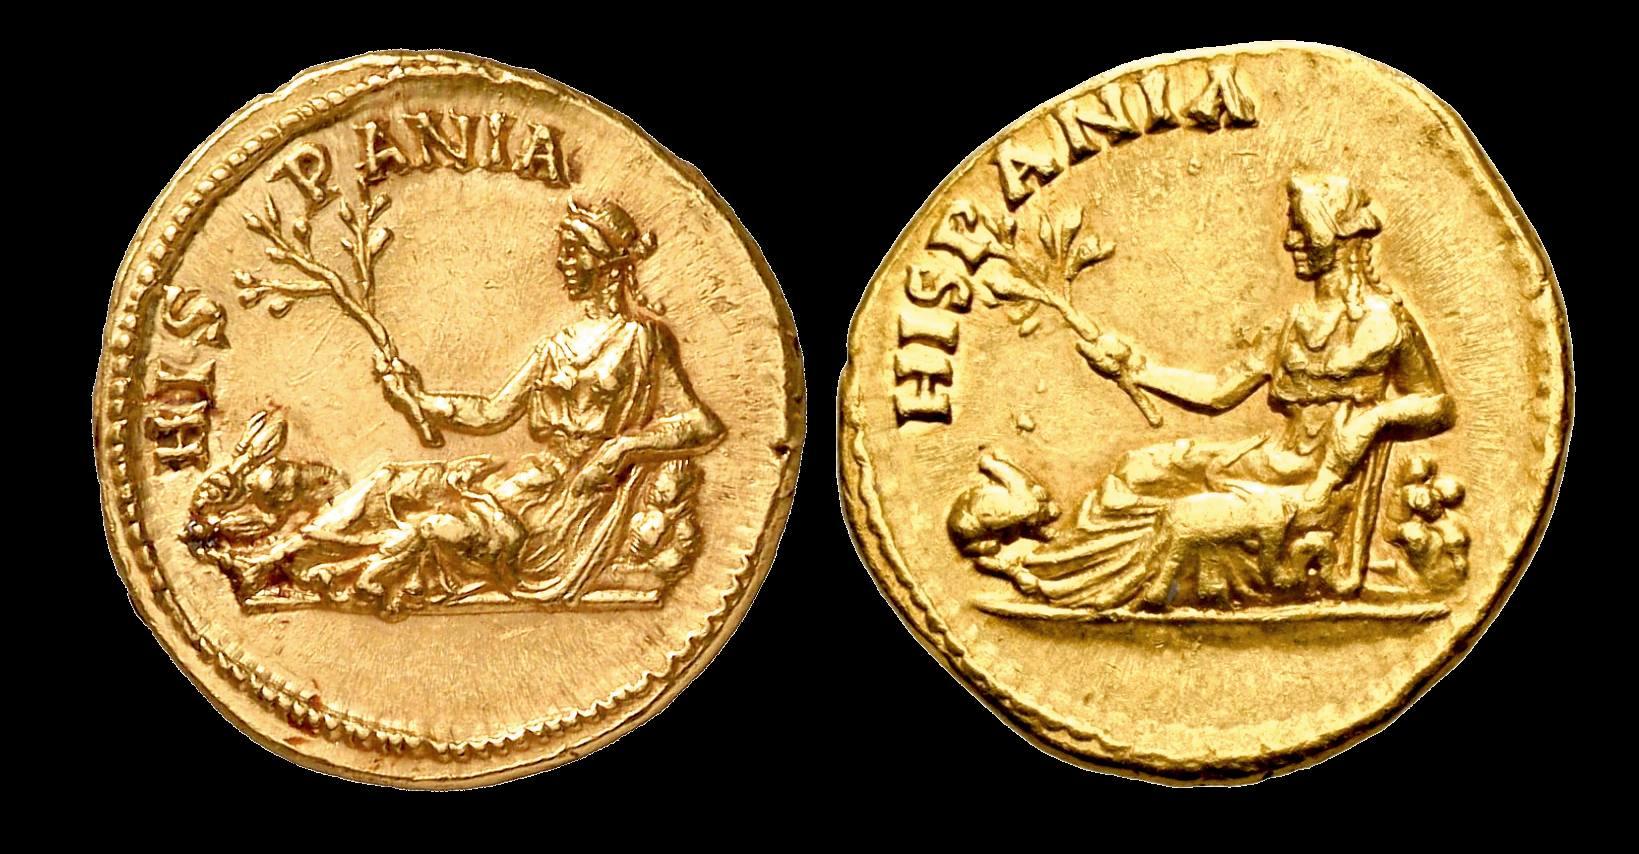 Moneda Romana de Hispania de tiempos del emperador Adriano.